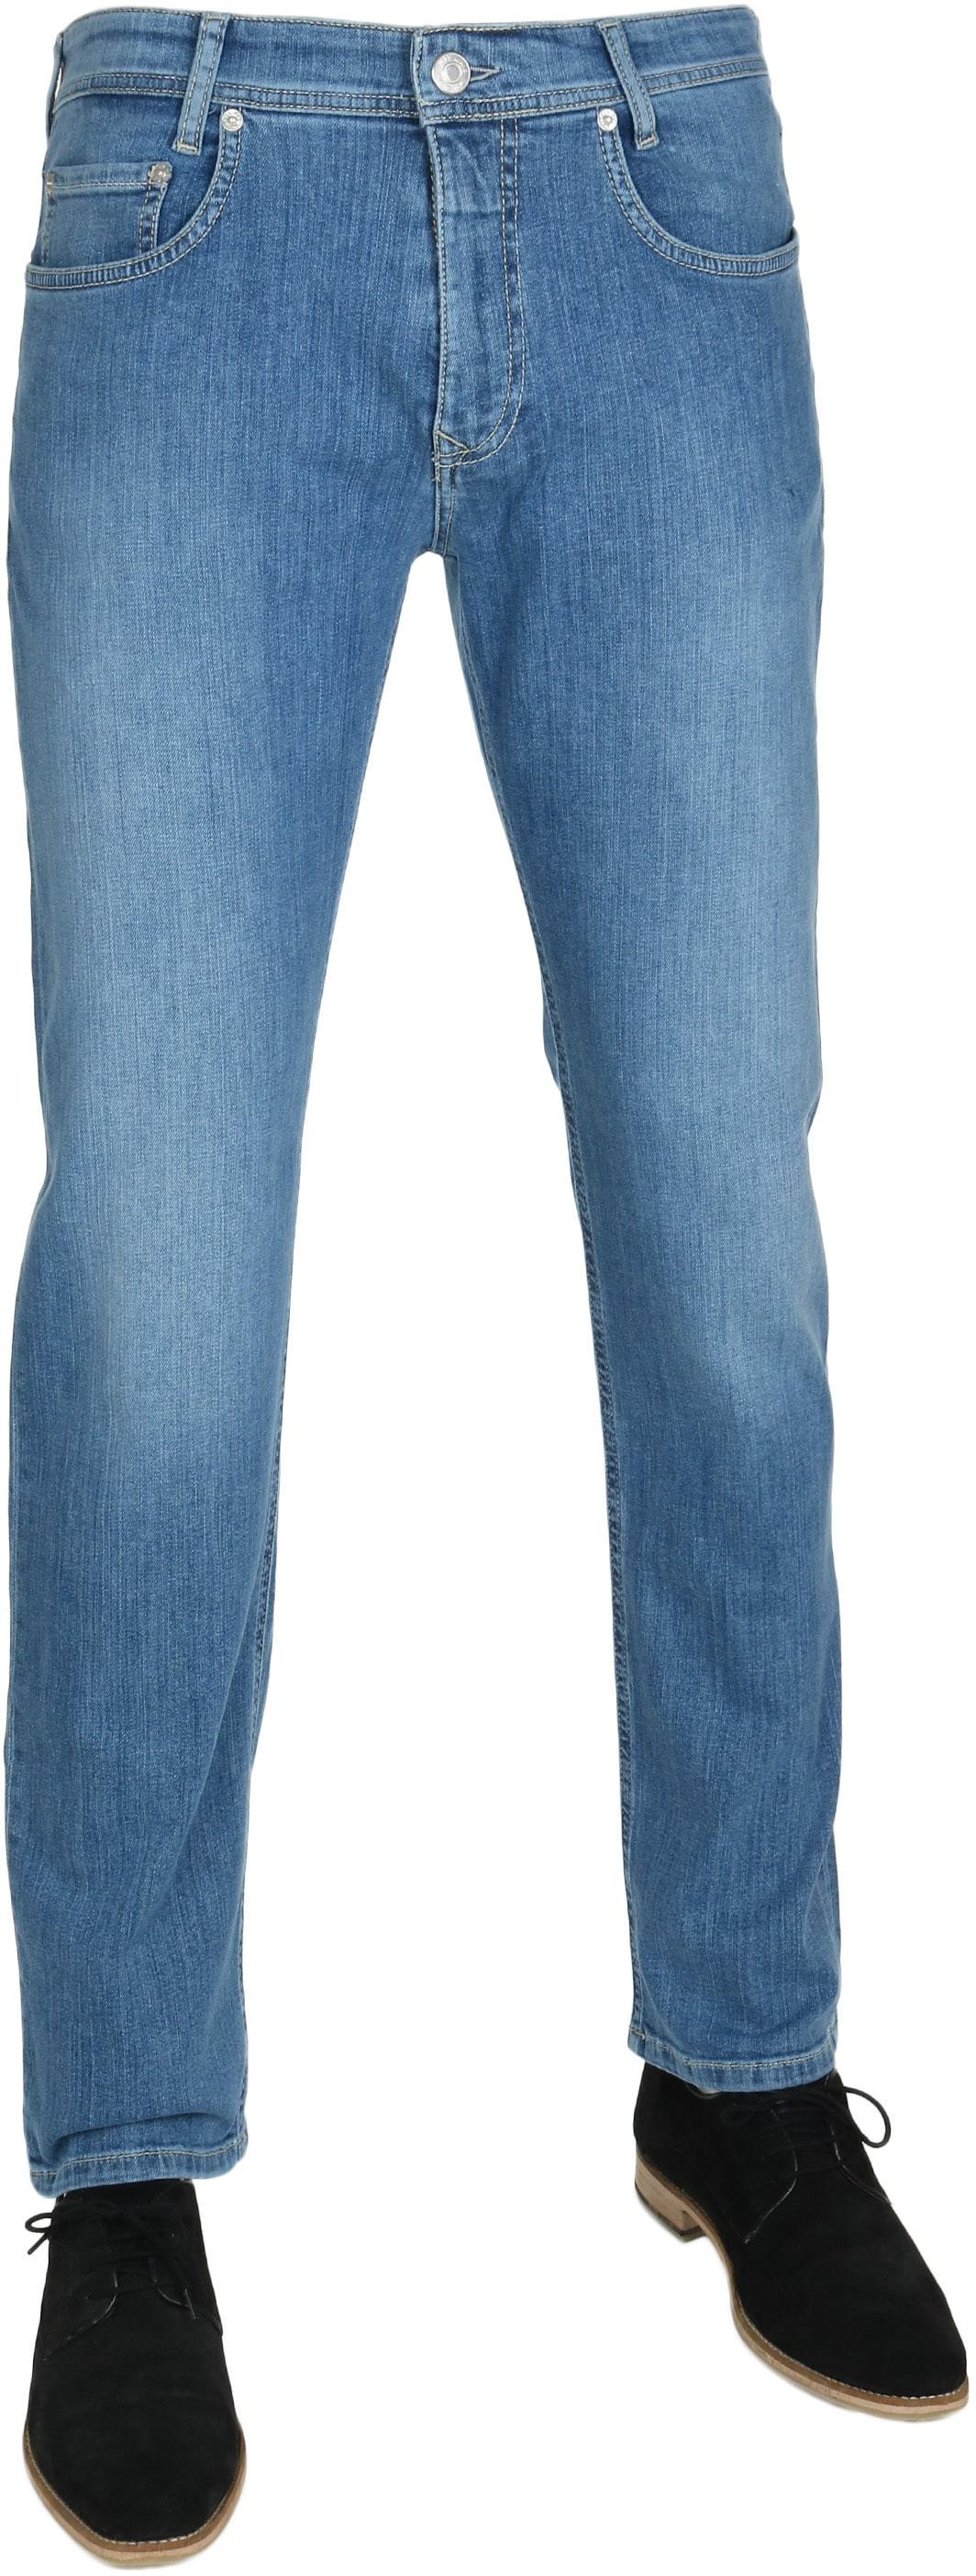 mac jeans arne h361 0970l050300 suitable. Black Bedroom Furniture Sets. Home Design Ideas